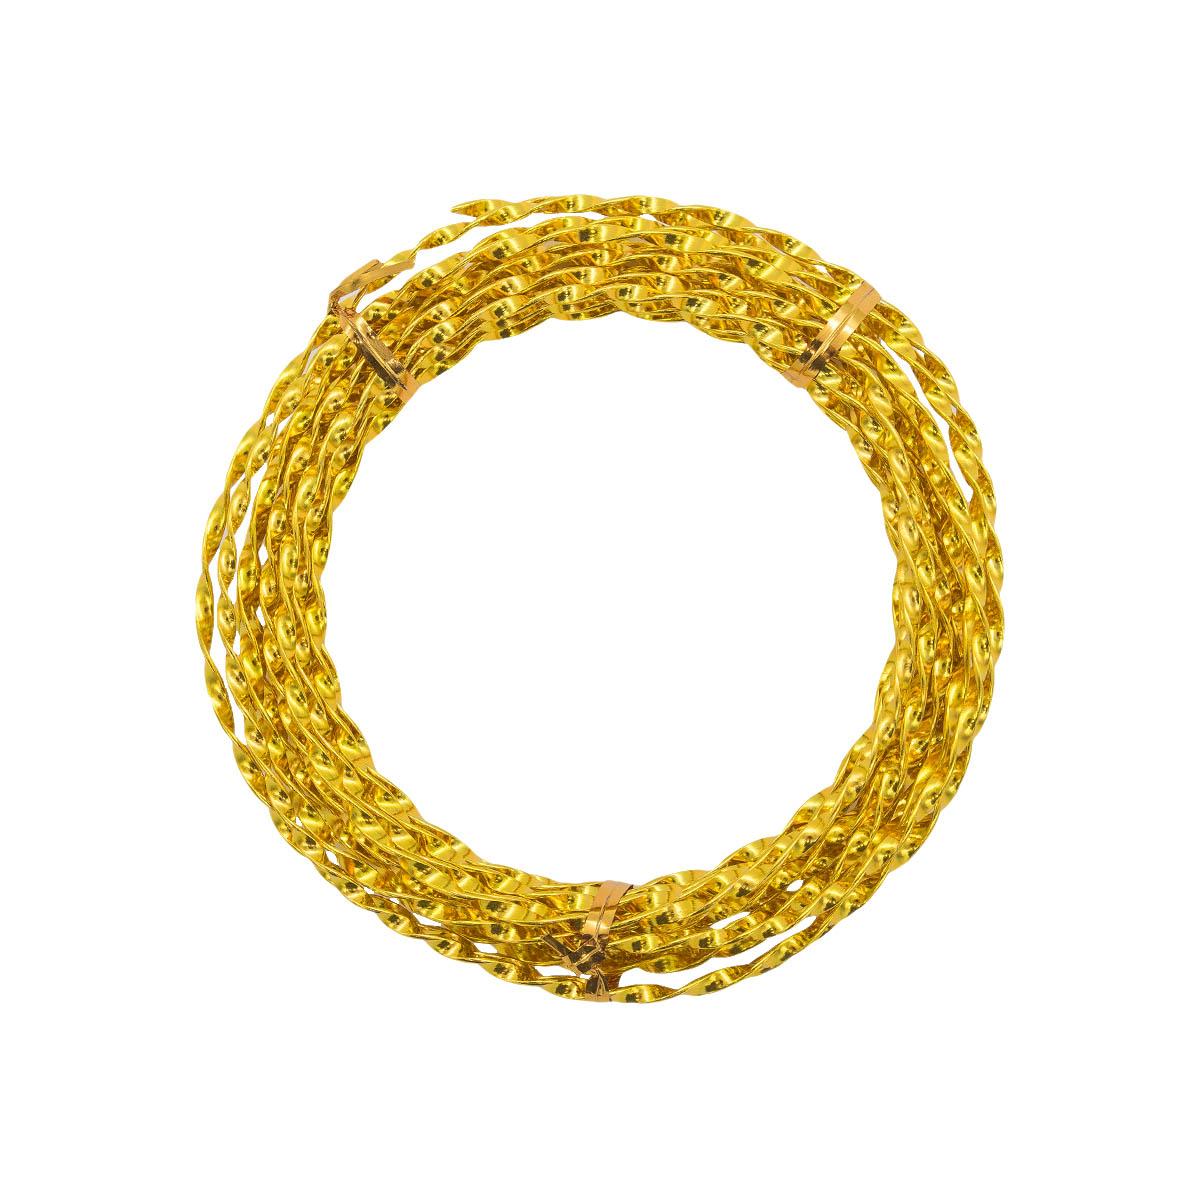 Проволока крученая, 3 мм*5 м, 'Астра' (014 желтый)